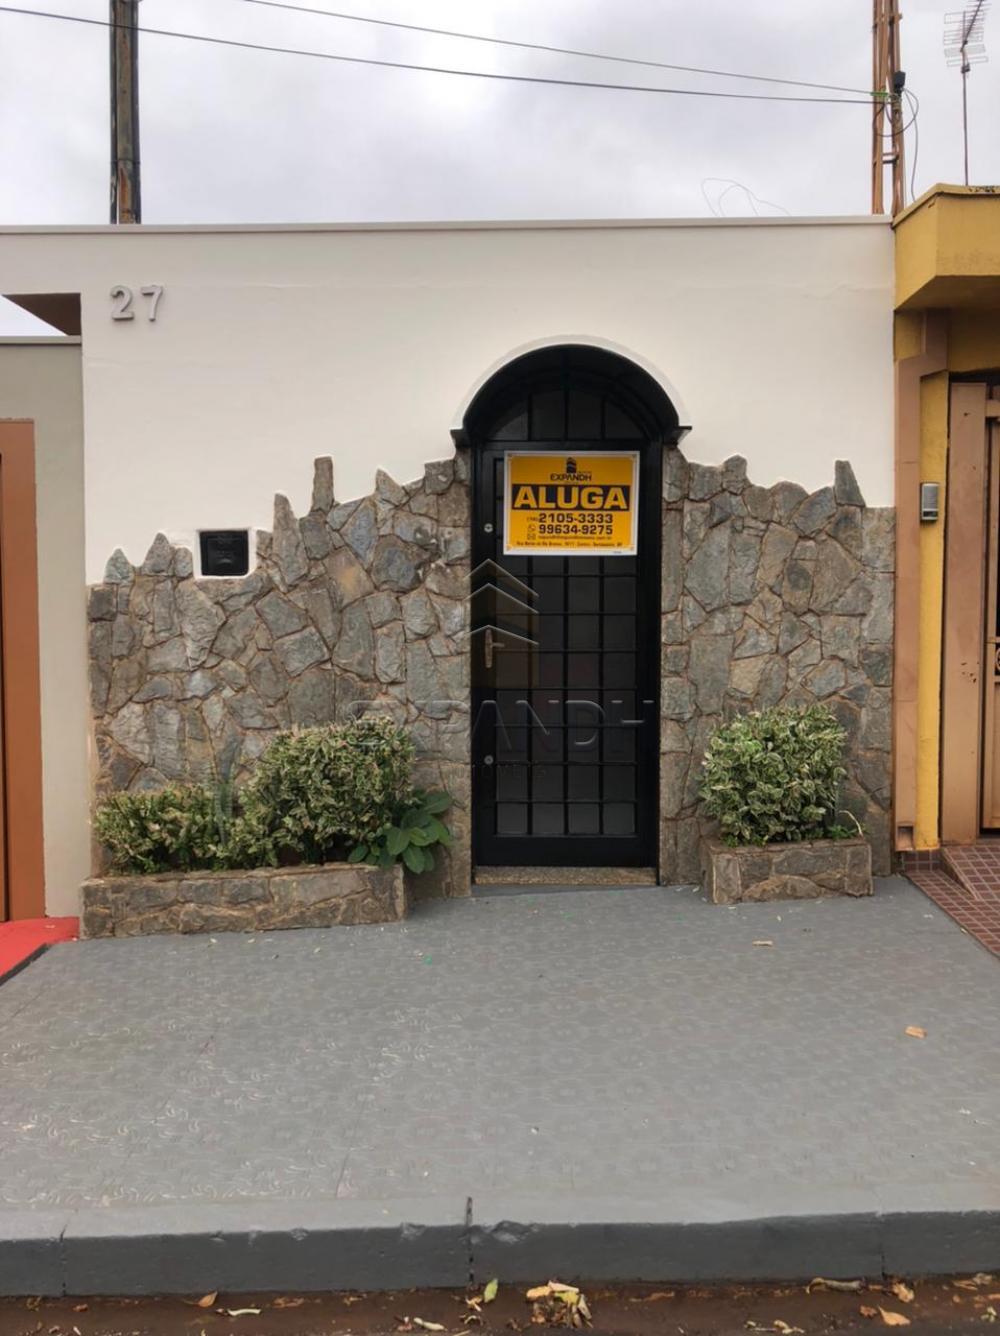 Alugar Comerciais / Sala em Sertãozinho R$ 800,00 - Foto 1